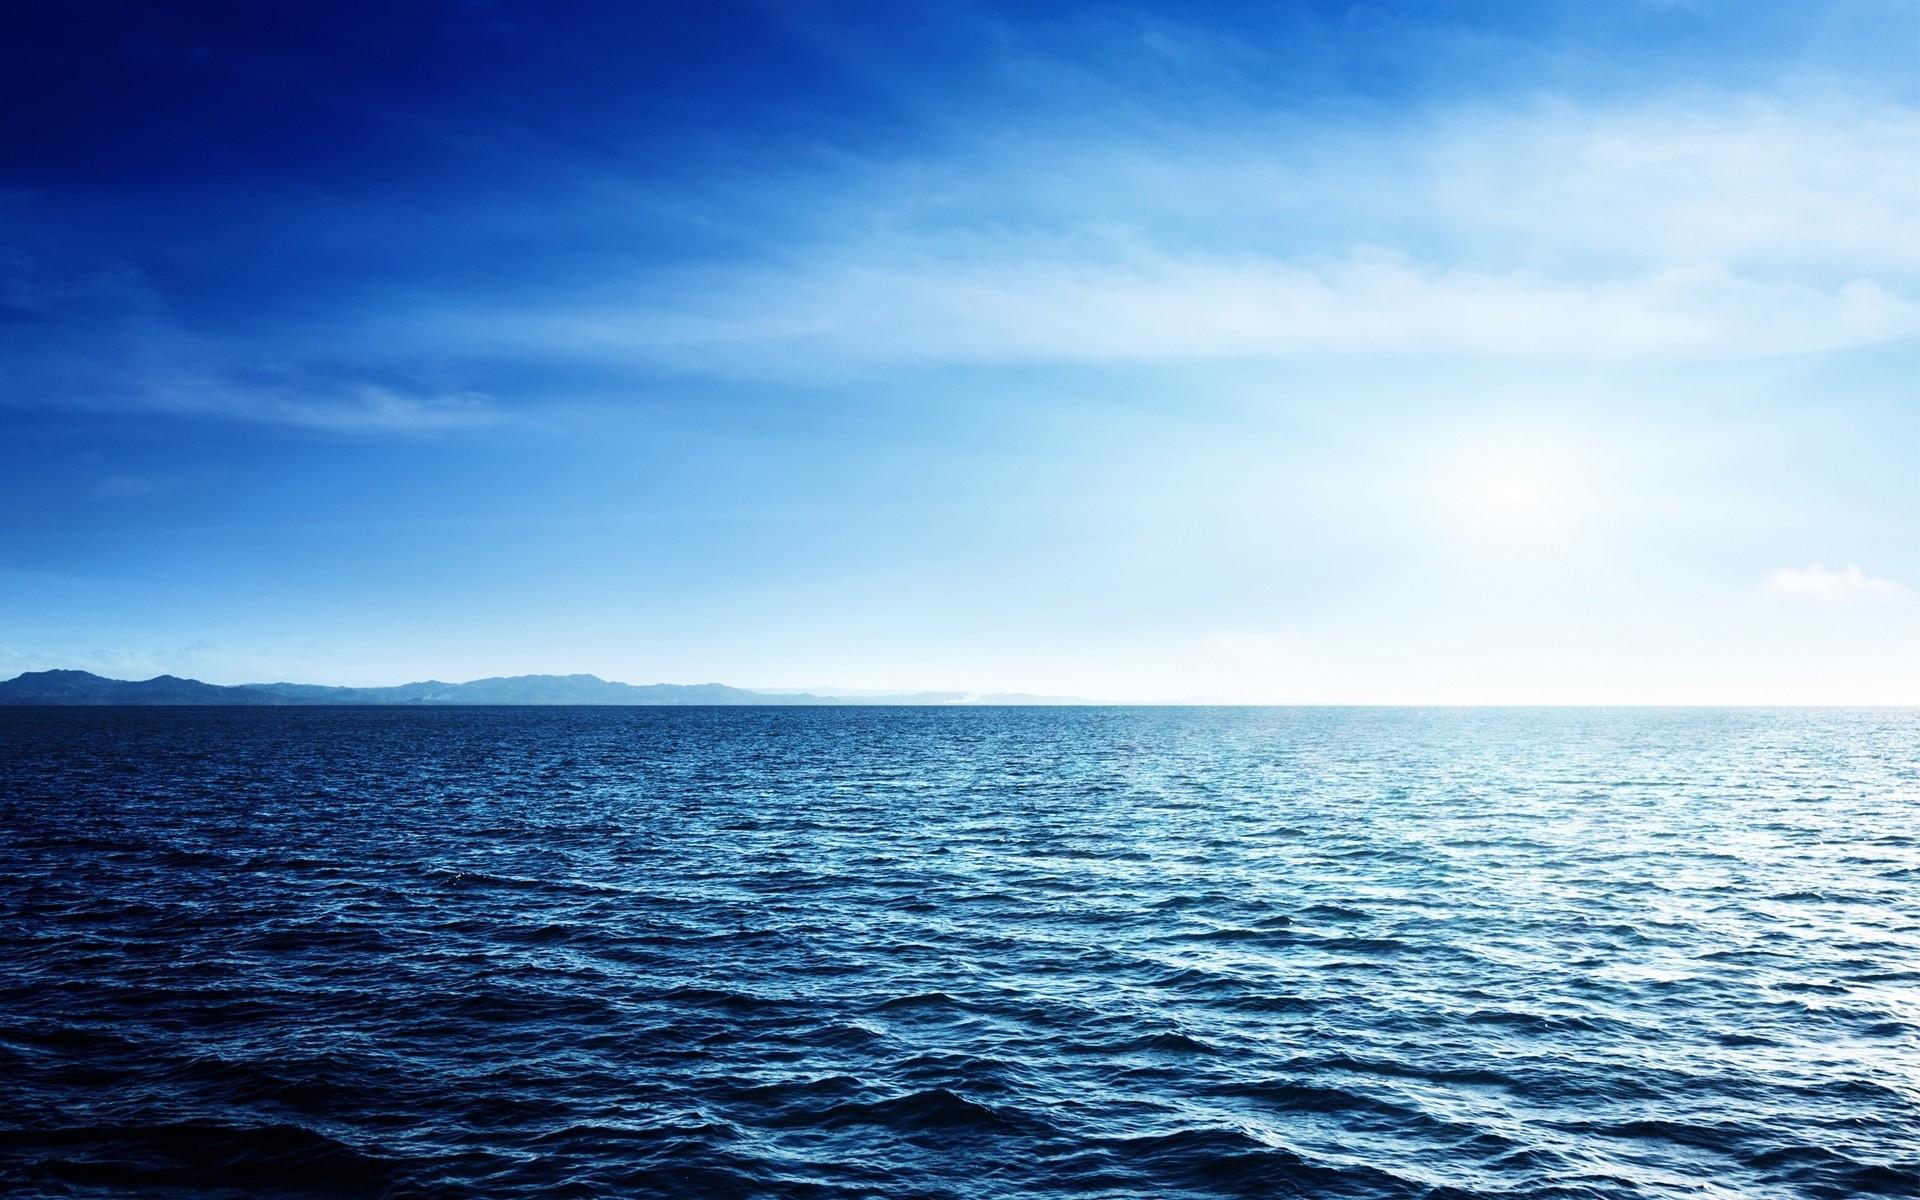 Deep Blue Ocean Waves wallpapers Deep Blue Ocean Waves 1920x1200